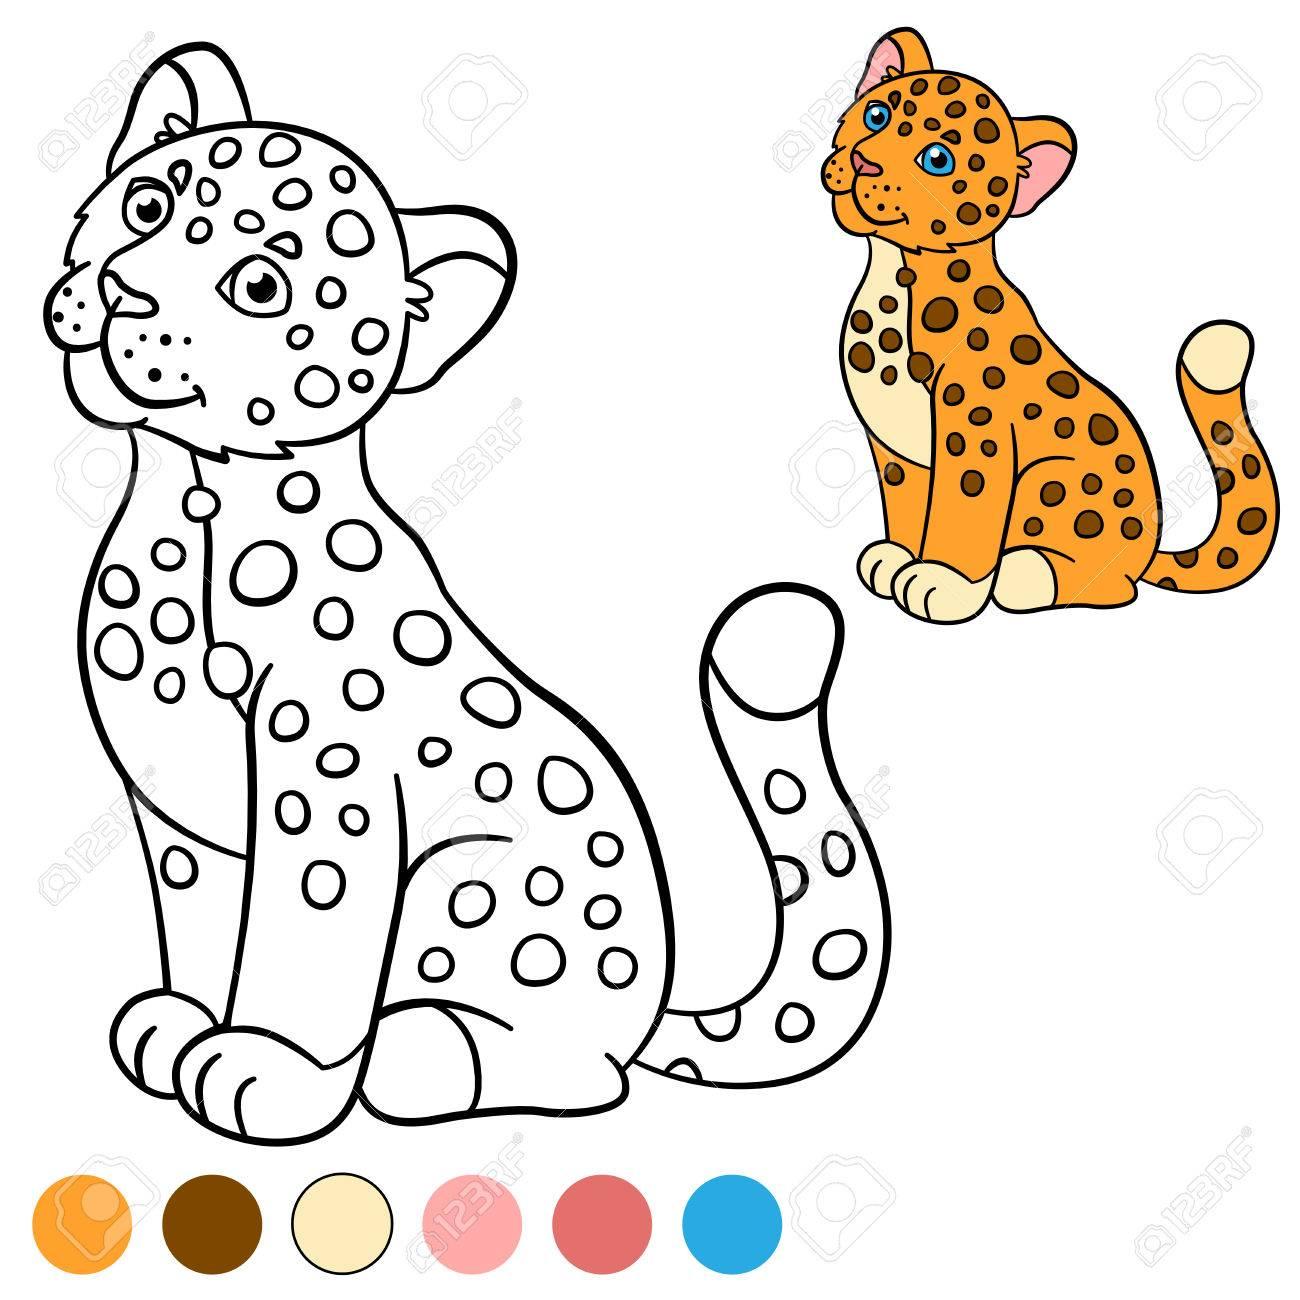 Dibujo Para Colorear Con Los Colores Poco Jaguar Lindo Bebé Sonríe